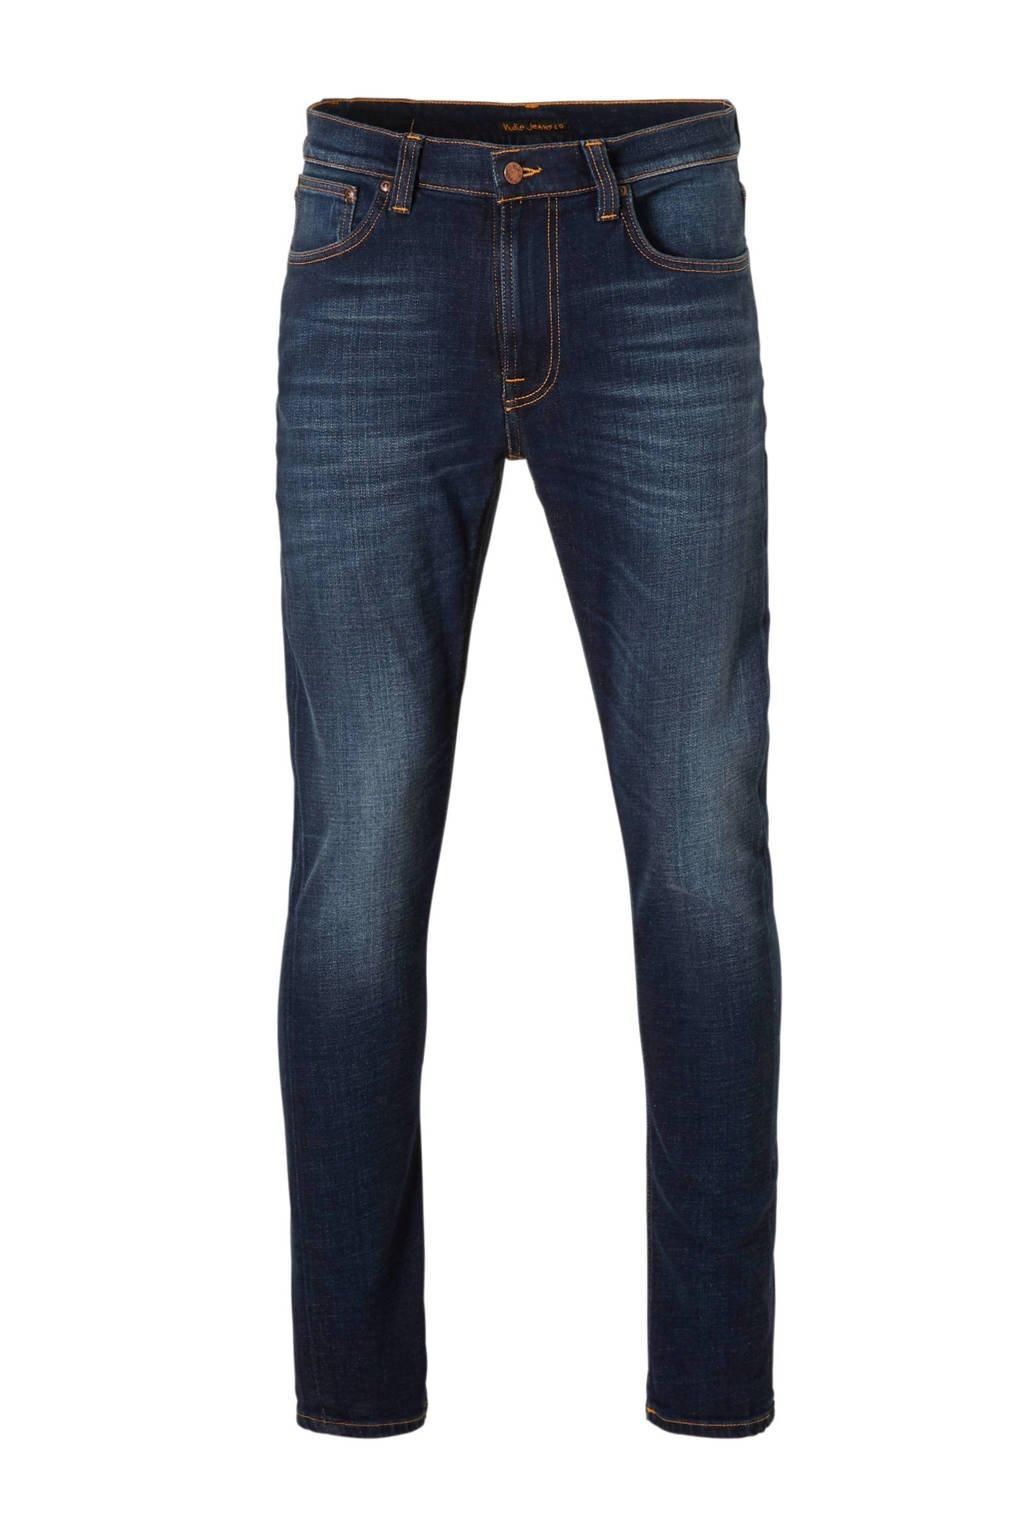 Nudie Jeans slim fit jeans Lean Dean, Dark denim